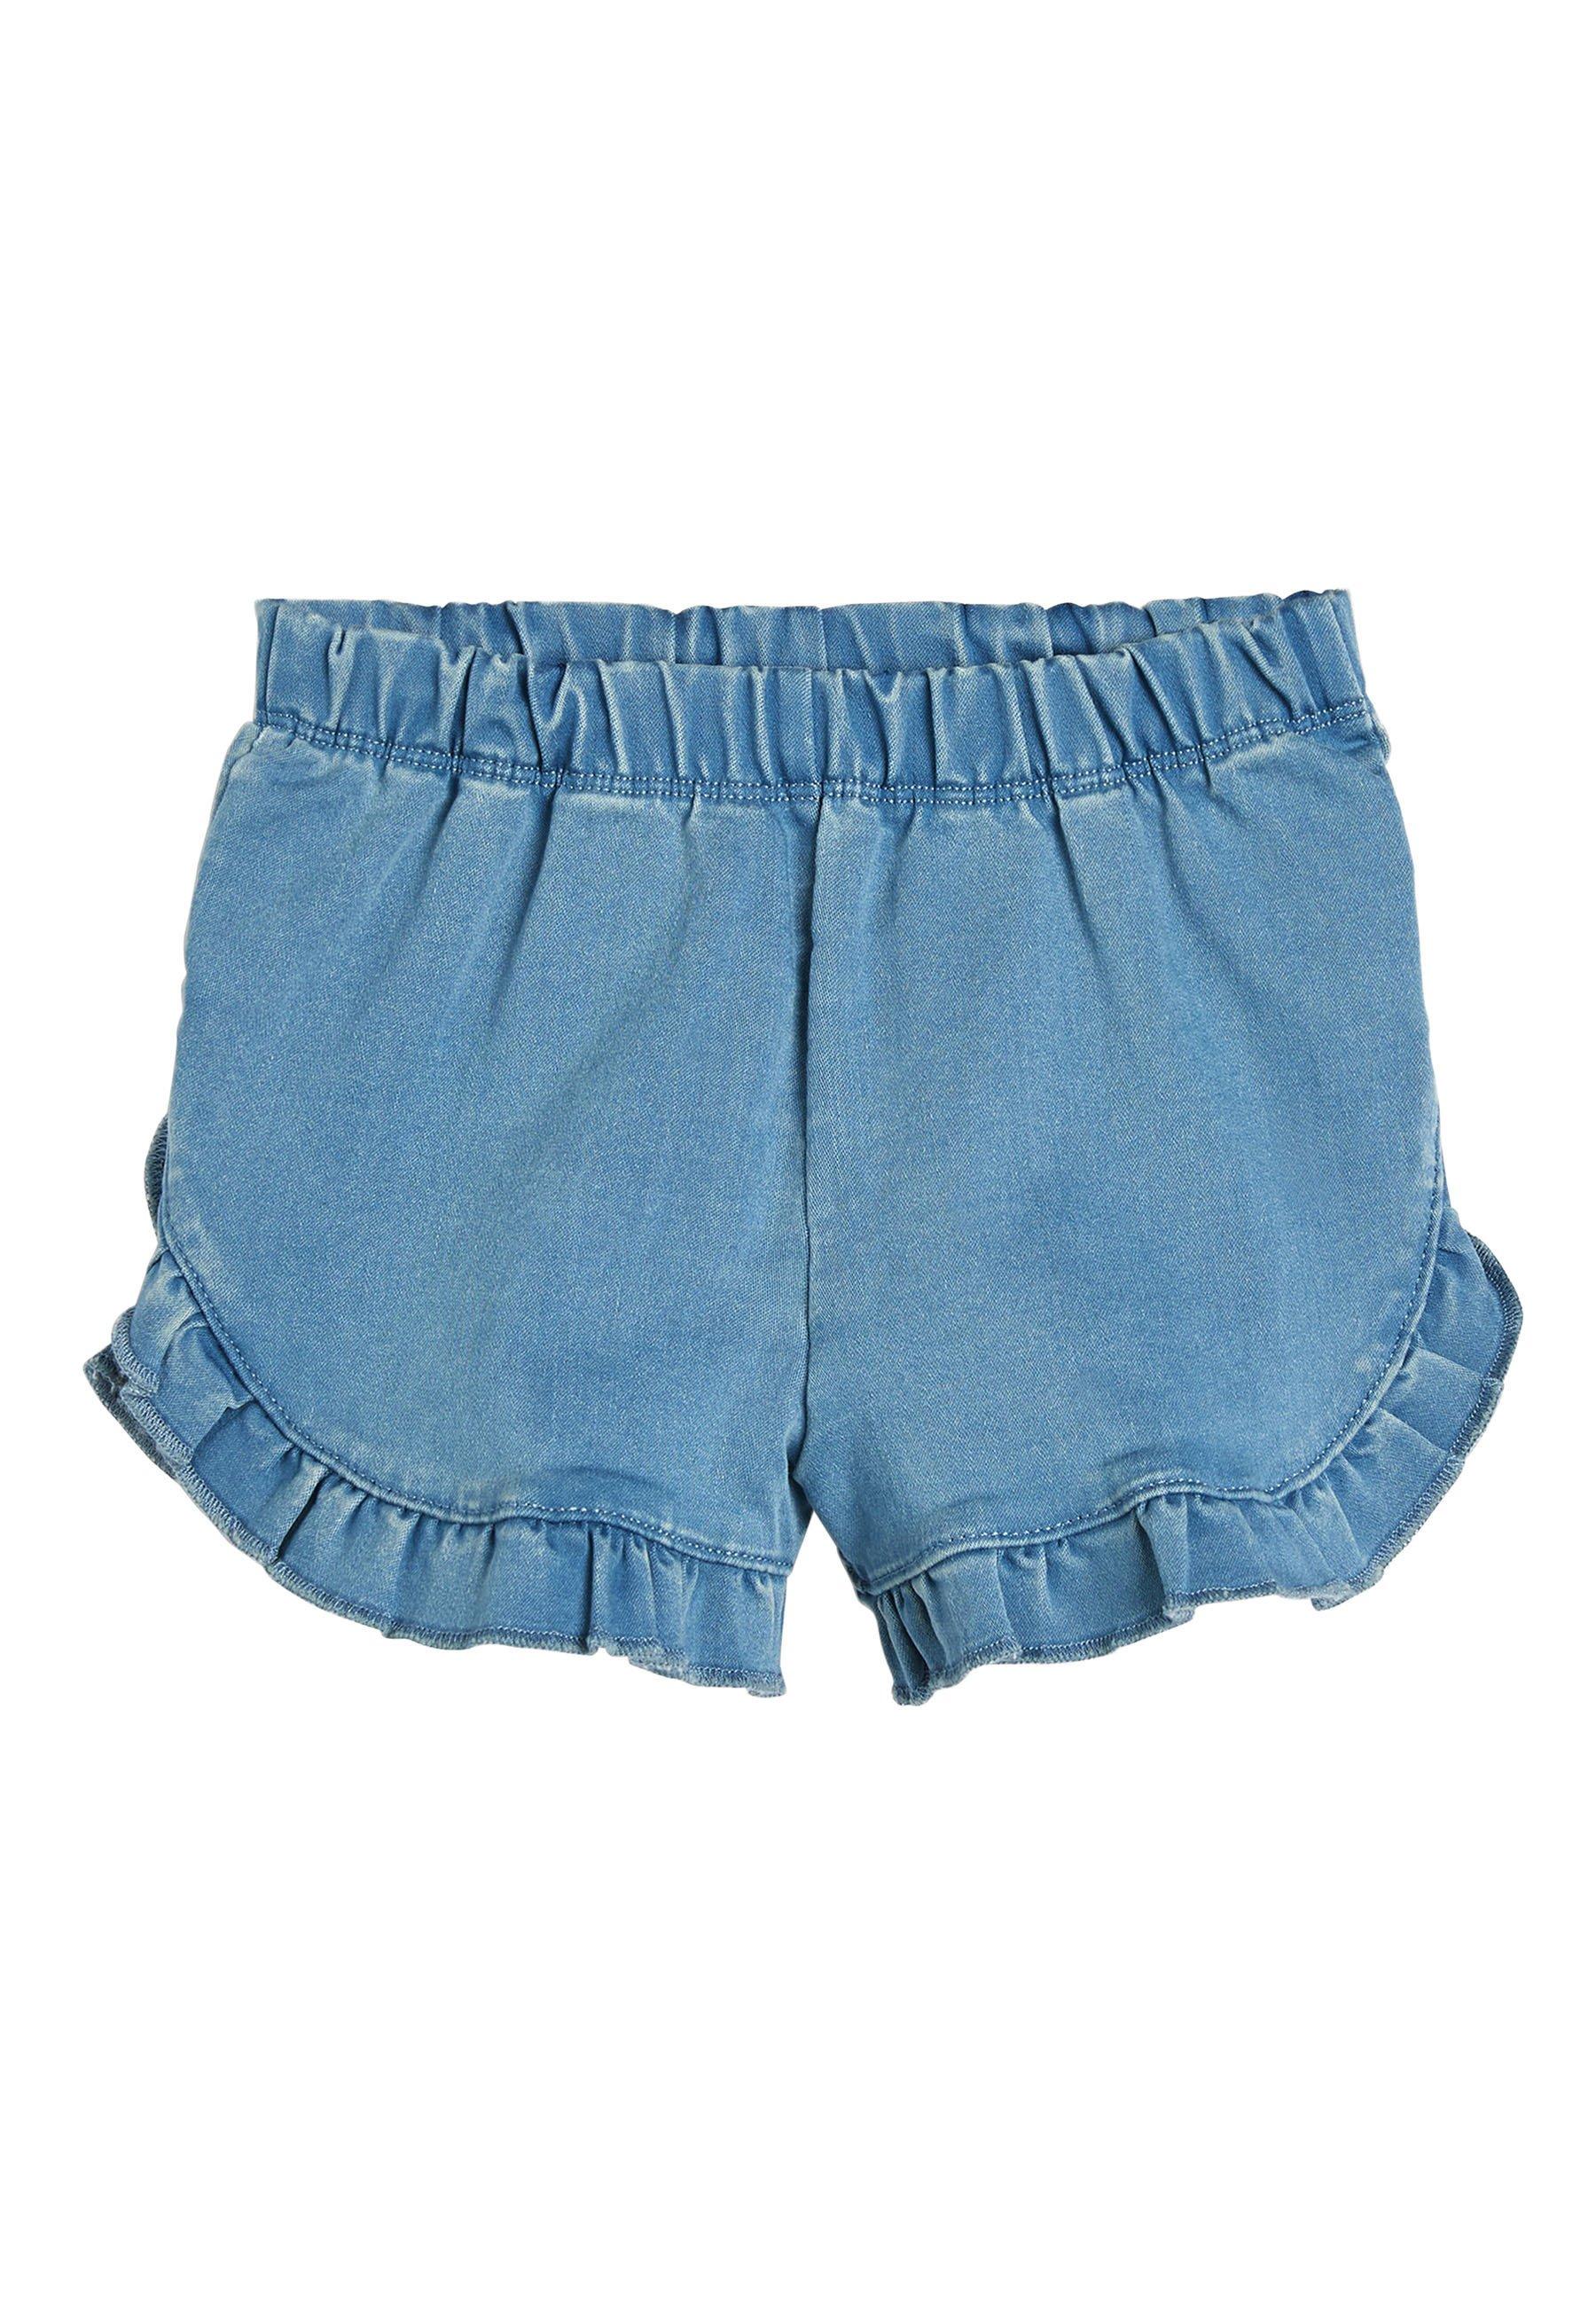 Kinder DENIM SHORTS (3MTHS-7YRS) - Jeans Shorts